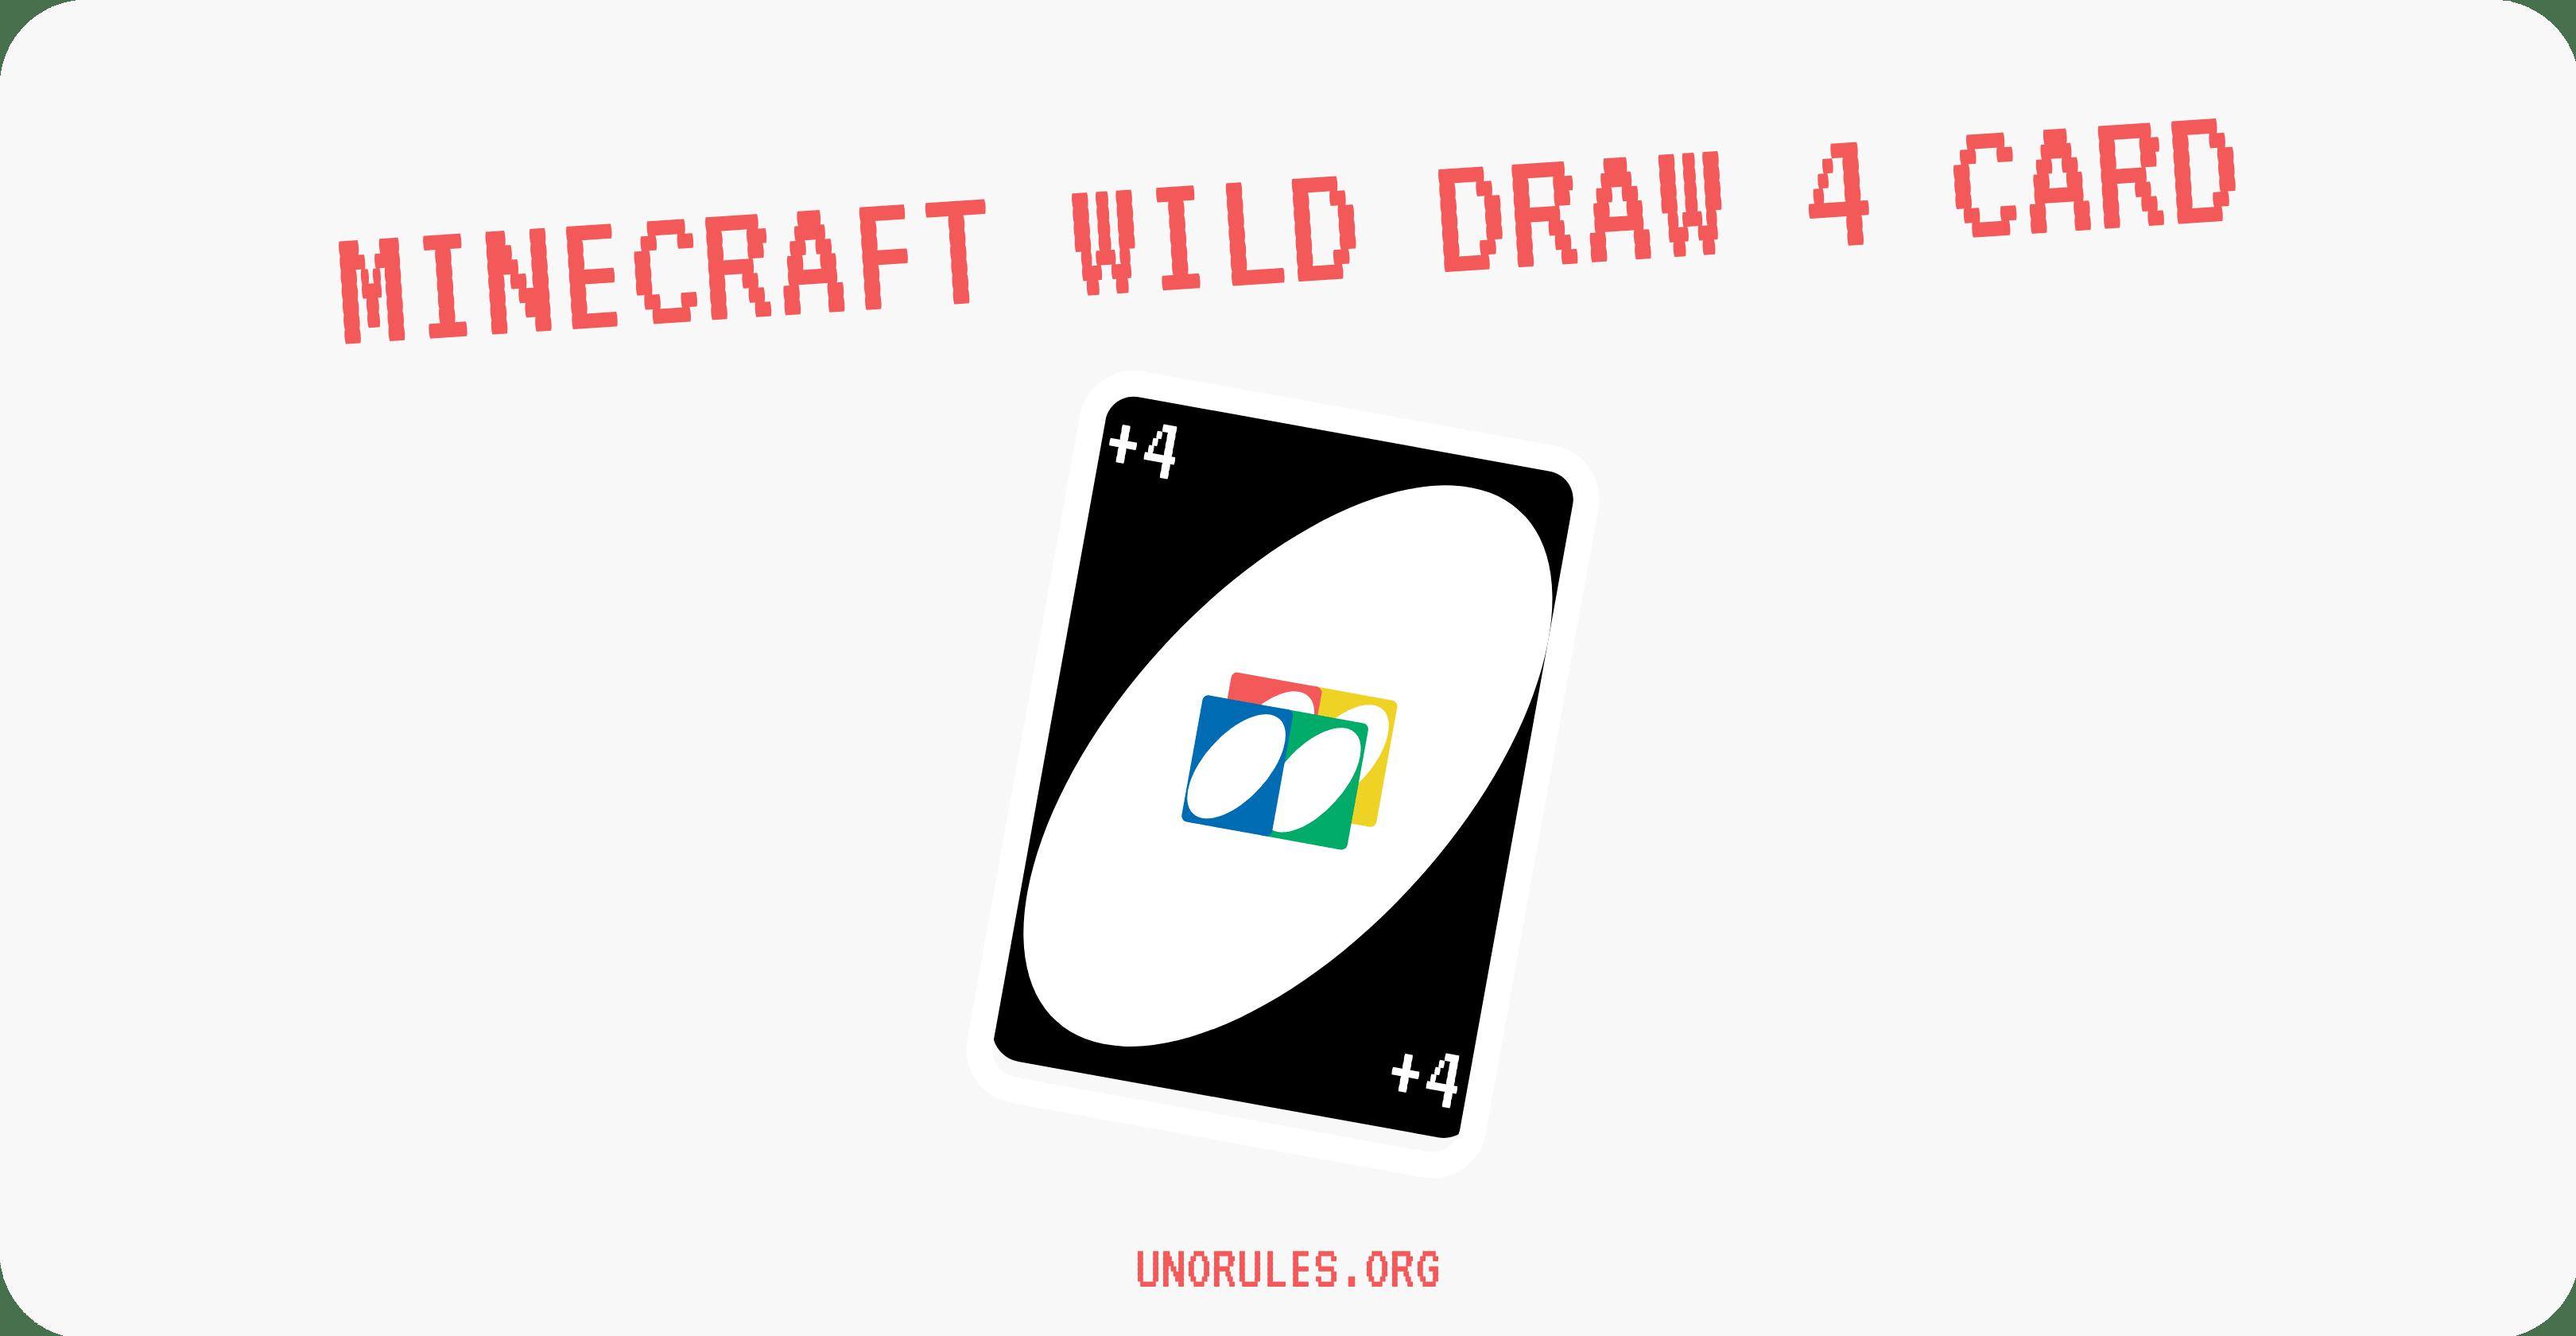 Wild Card Draw 4